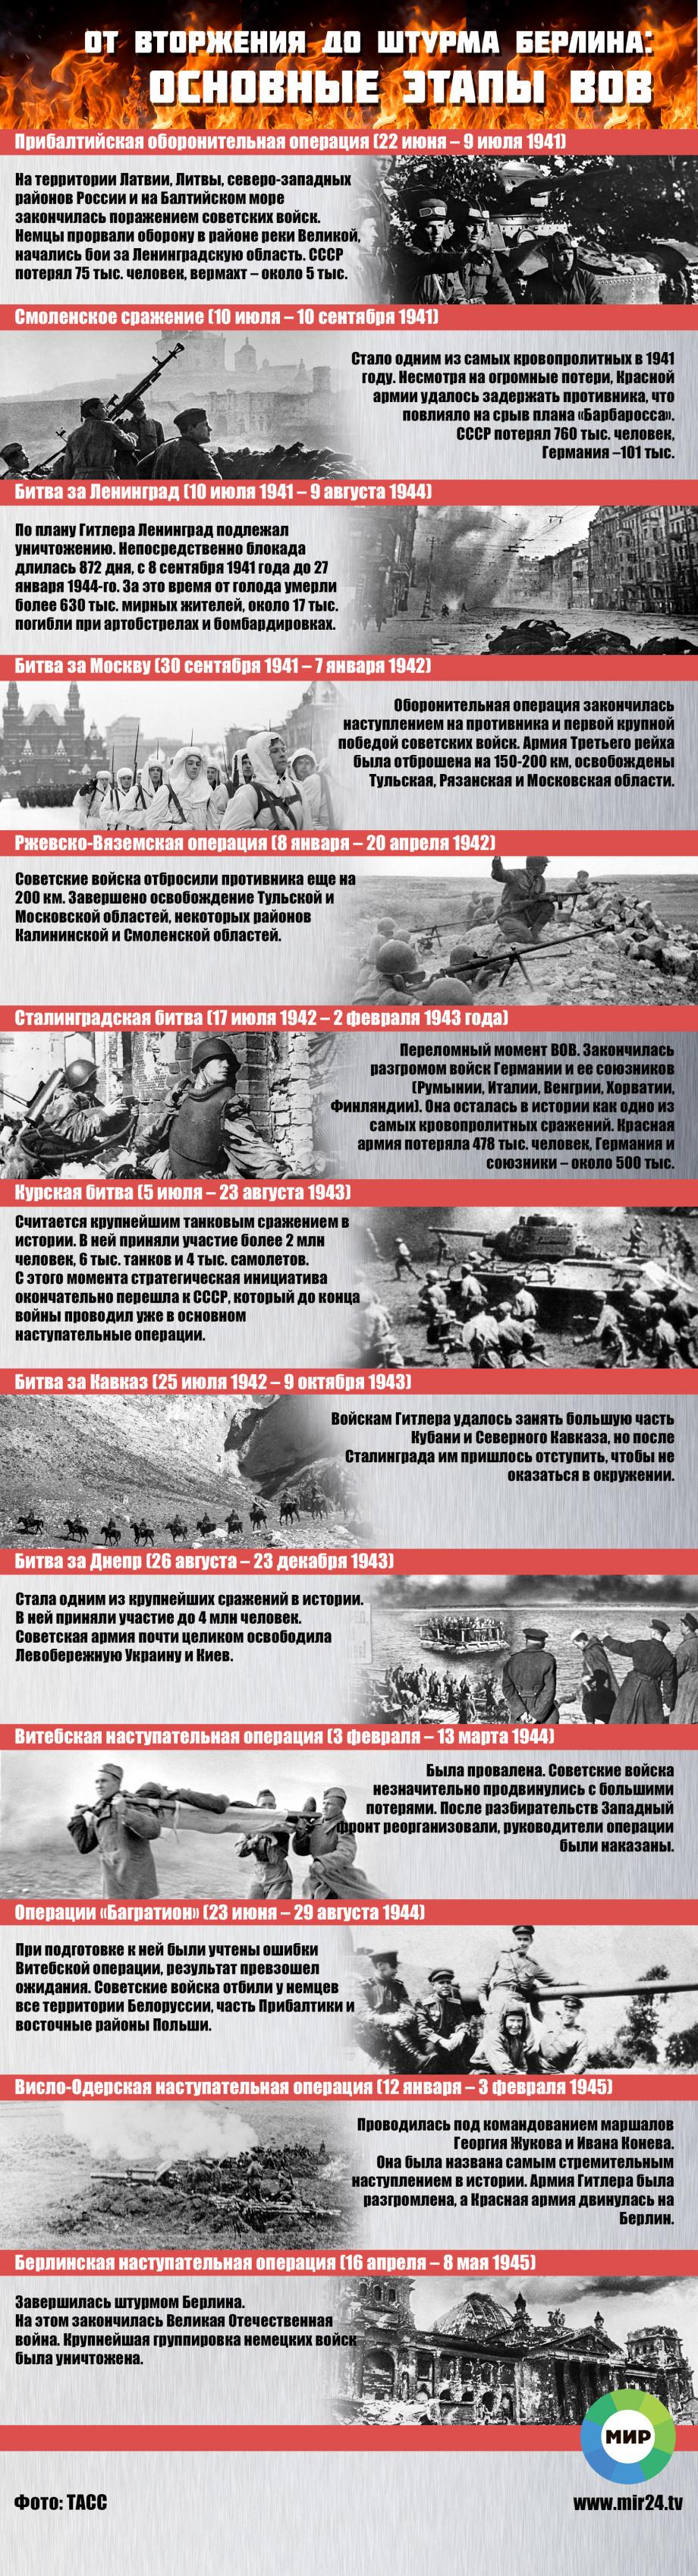 Главные сражения Великой Отечественной войны. ИНФОГРАФИКА